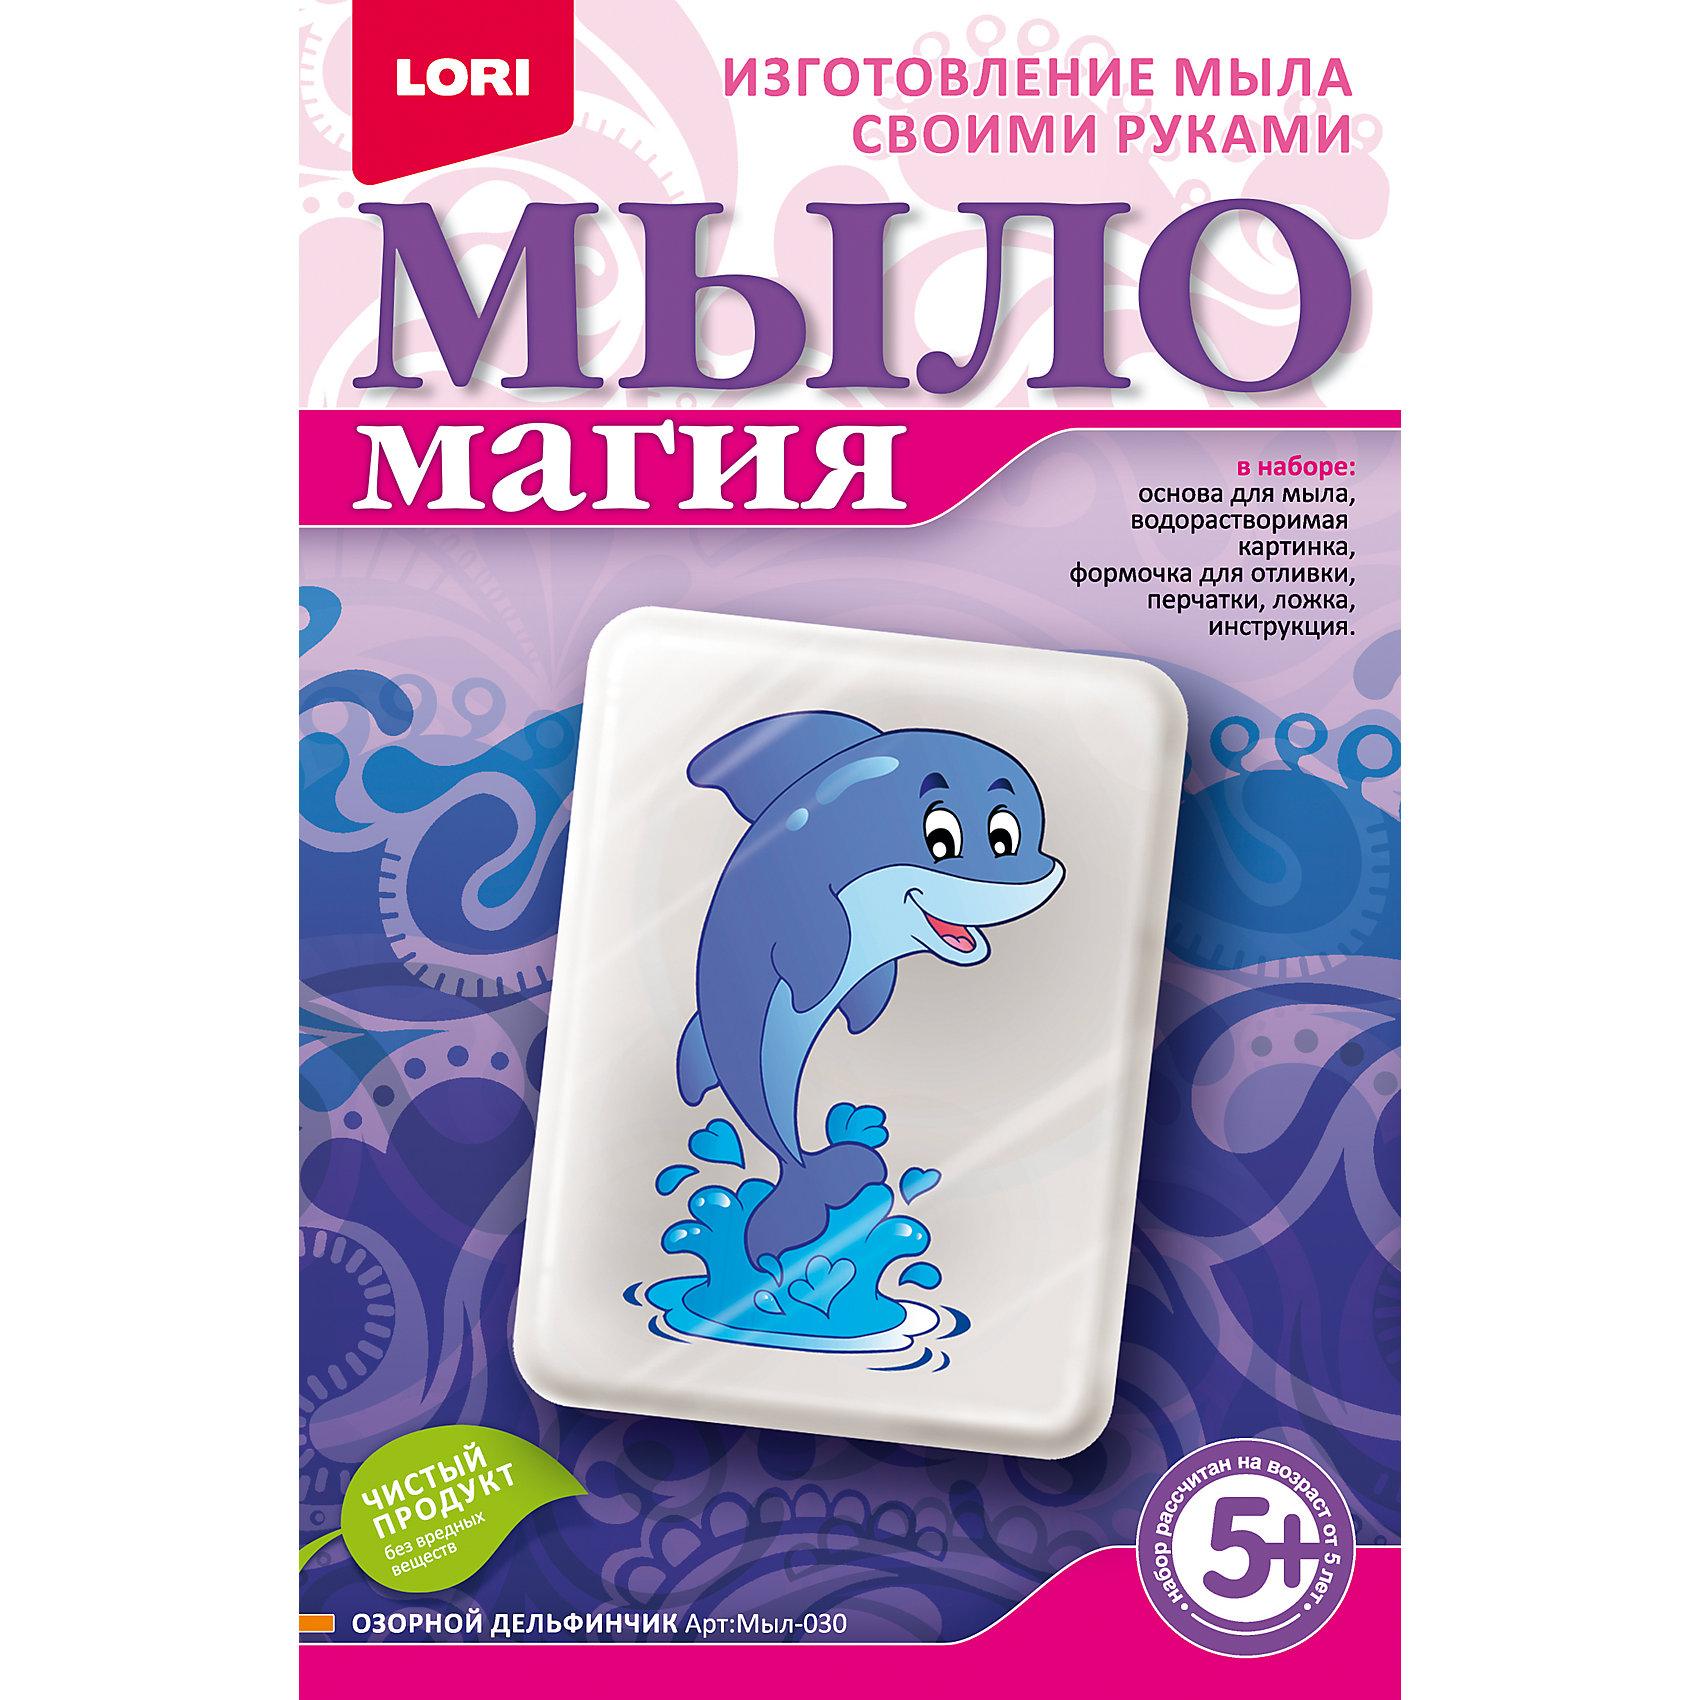 МылоМагия Озорной дельфинчикМылоМагия Озорной дельфинчик, LORI (Лори)<br><br>Характеристики:<br><br>• создайте мыло своими руками<br>• яркий рисунок дельфина<br>• в комплекте: прозрачная мыльная основа (50 гр.), матовая мыльная основа (50 гр.), водорастворимая бумага, форма для отливки, пипетка, ложка, перчатки, инструкция<br>• размер упаковки: 20,8х13,5х4 см<br>• вес: 130 грамм<br><br>Мыловарение - очень интересное занятие, которое, к тому же, поможет приучить ребенка к гигиене. С помощью набора от Lori можно изготовить настоящее мыло с изображением забавного дельфина. В набор входят все составляющие мыла, инструменты, обеспечивающие безопасность и подробная инструкция. С этим мылом всегда приятно мыть руки!<br><br>МылоМагия Озорной дельфинчик, LORI (Лори) вы можете купить в нашем интернет-магазине.<br><br>Ширина мм: 40<br>Глубина мм: 135<br>Высота мм: 208<br>Вес г: 650<br>Возраст от месяцев: 60<br>Возраст до месяцев: 84<br>Пол: Женский<br>Возраст: Детский<br>SKU: 5032308